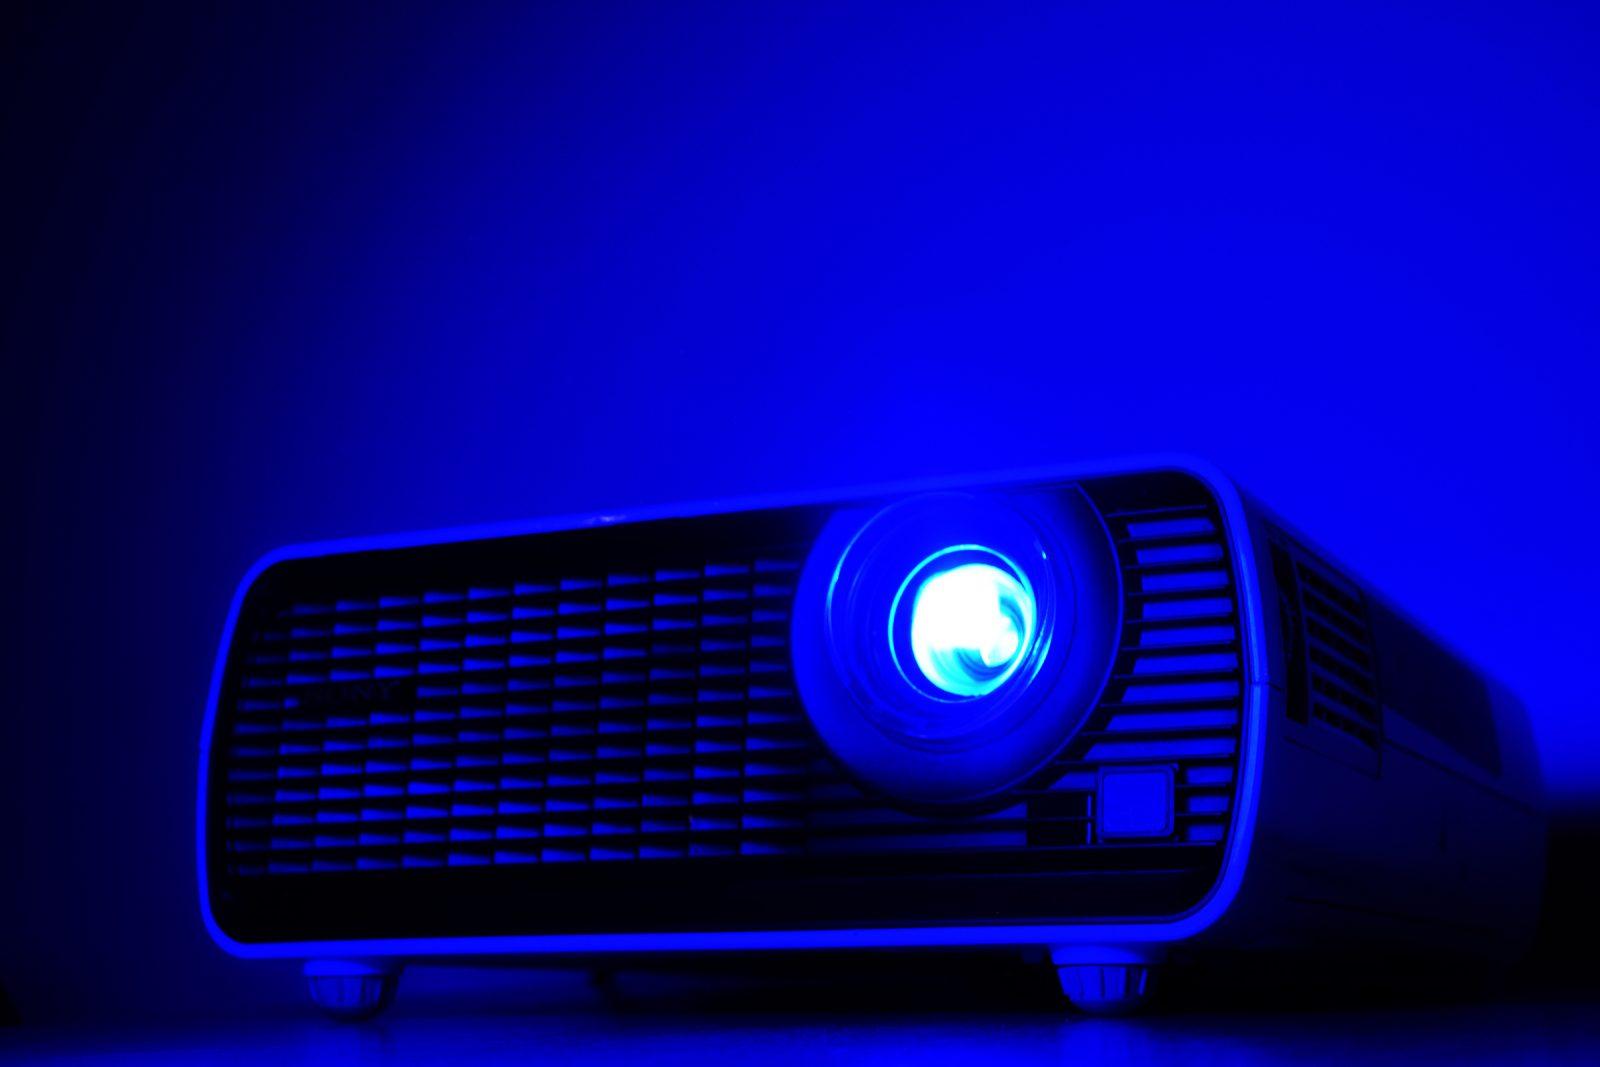 projetor digital usado para projetar os filmes